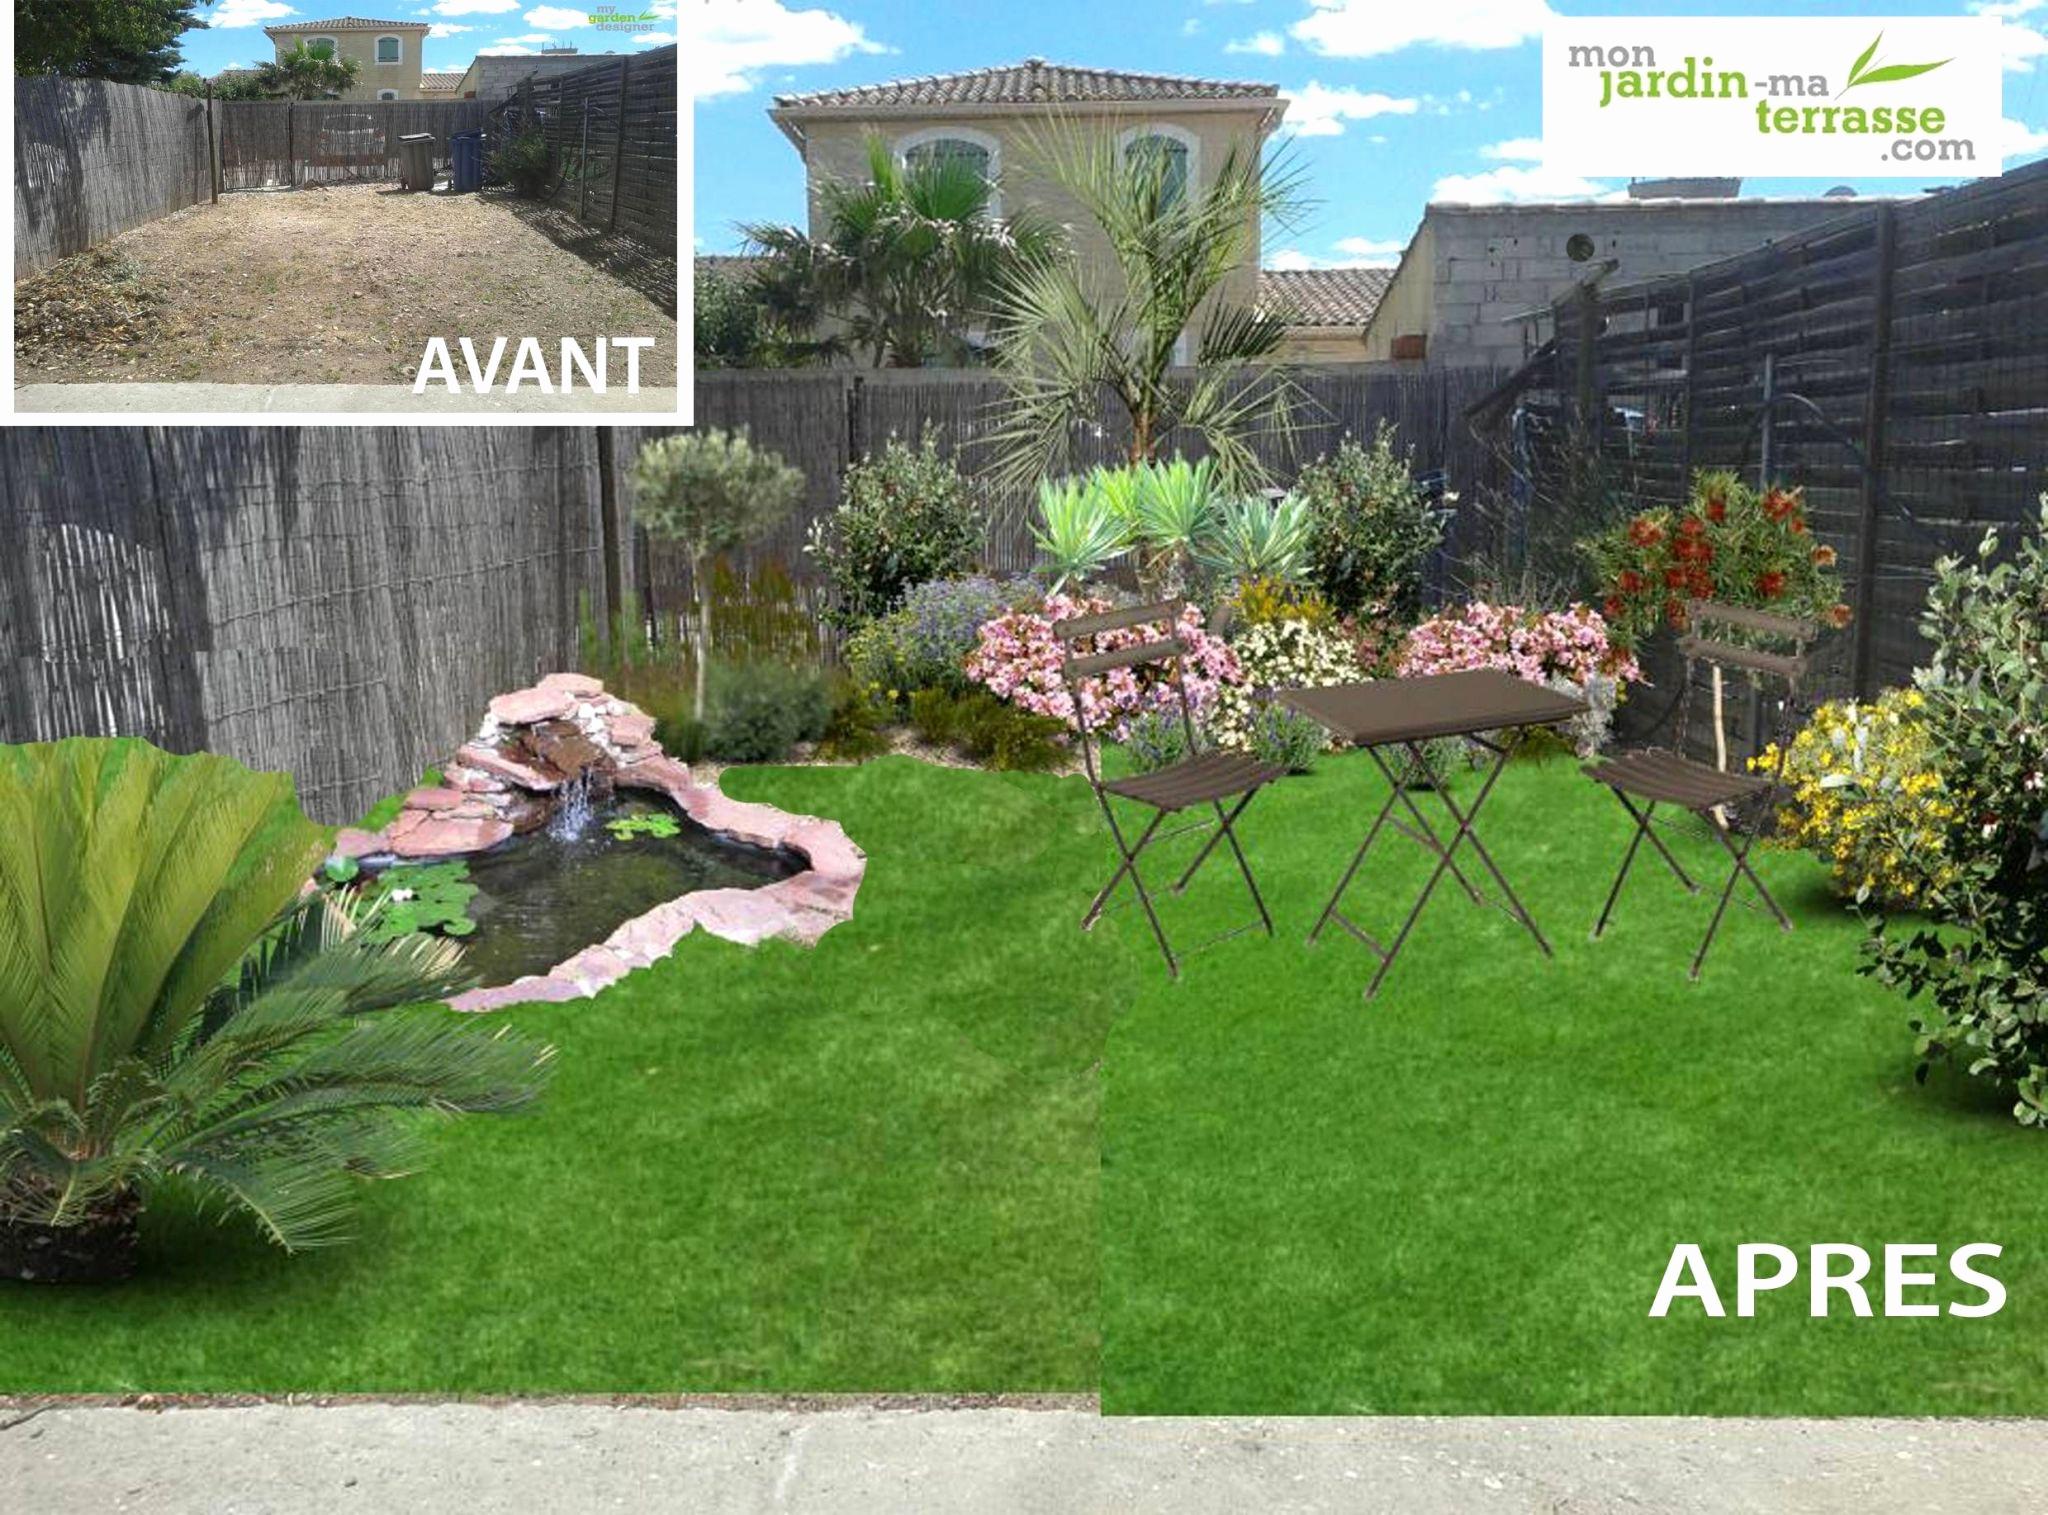 deco bassin jardin elegant deco jardin devant maison aussi astuce jardin best idee deco jardin of deco bassin jardin